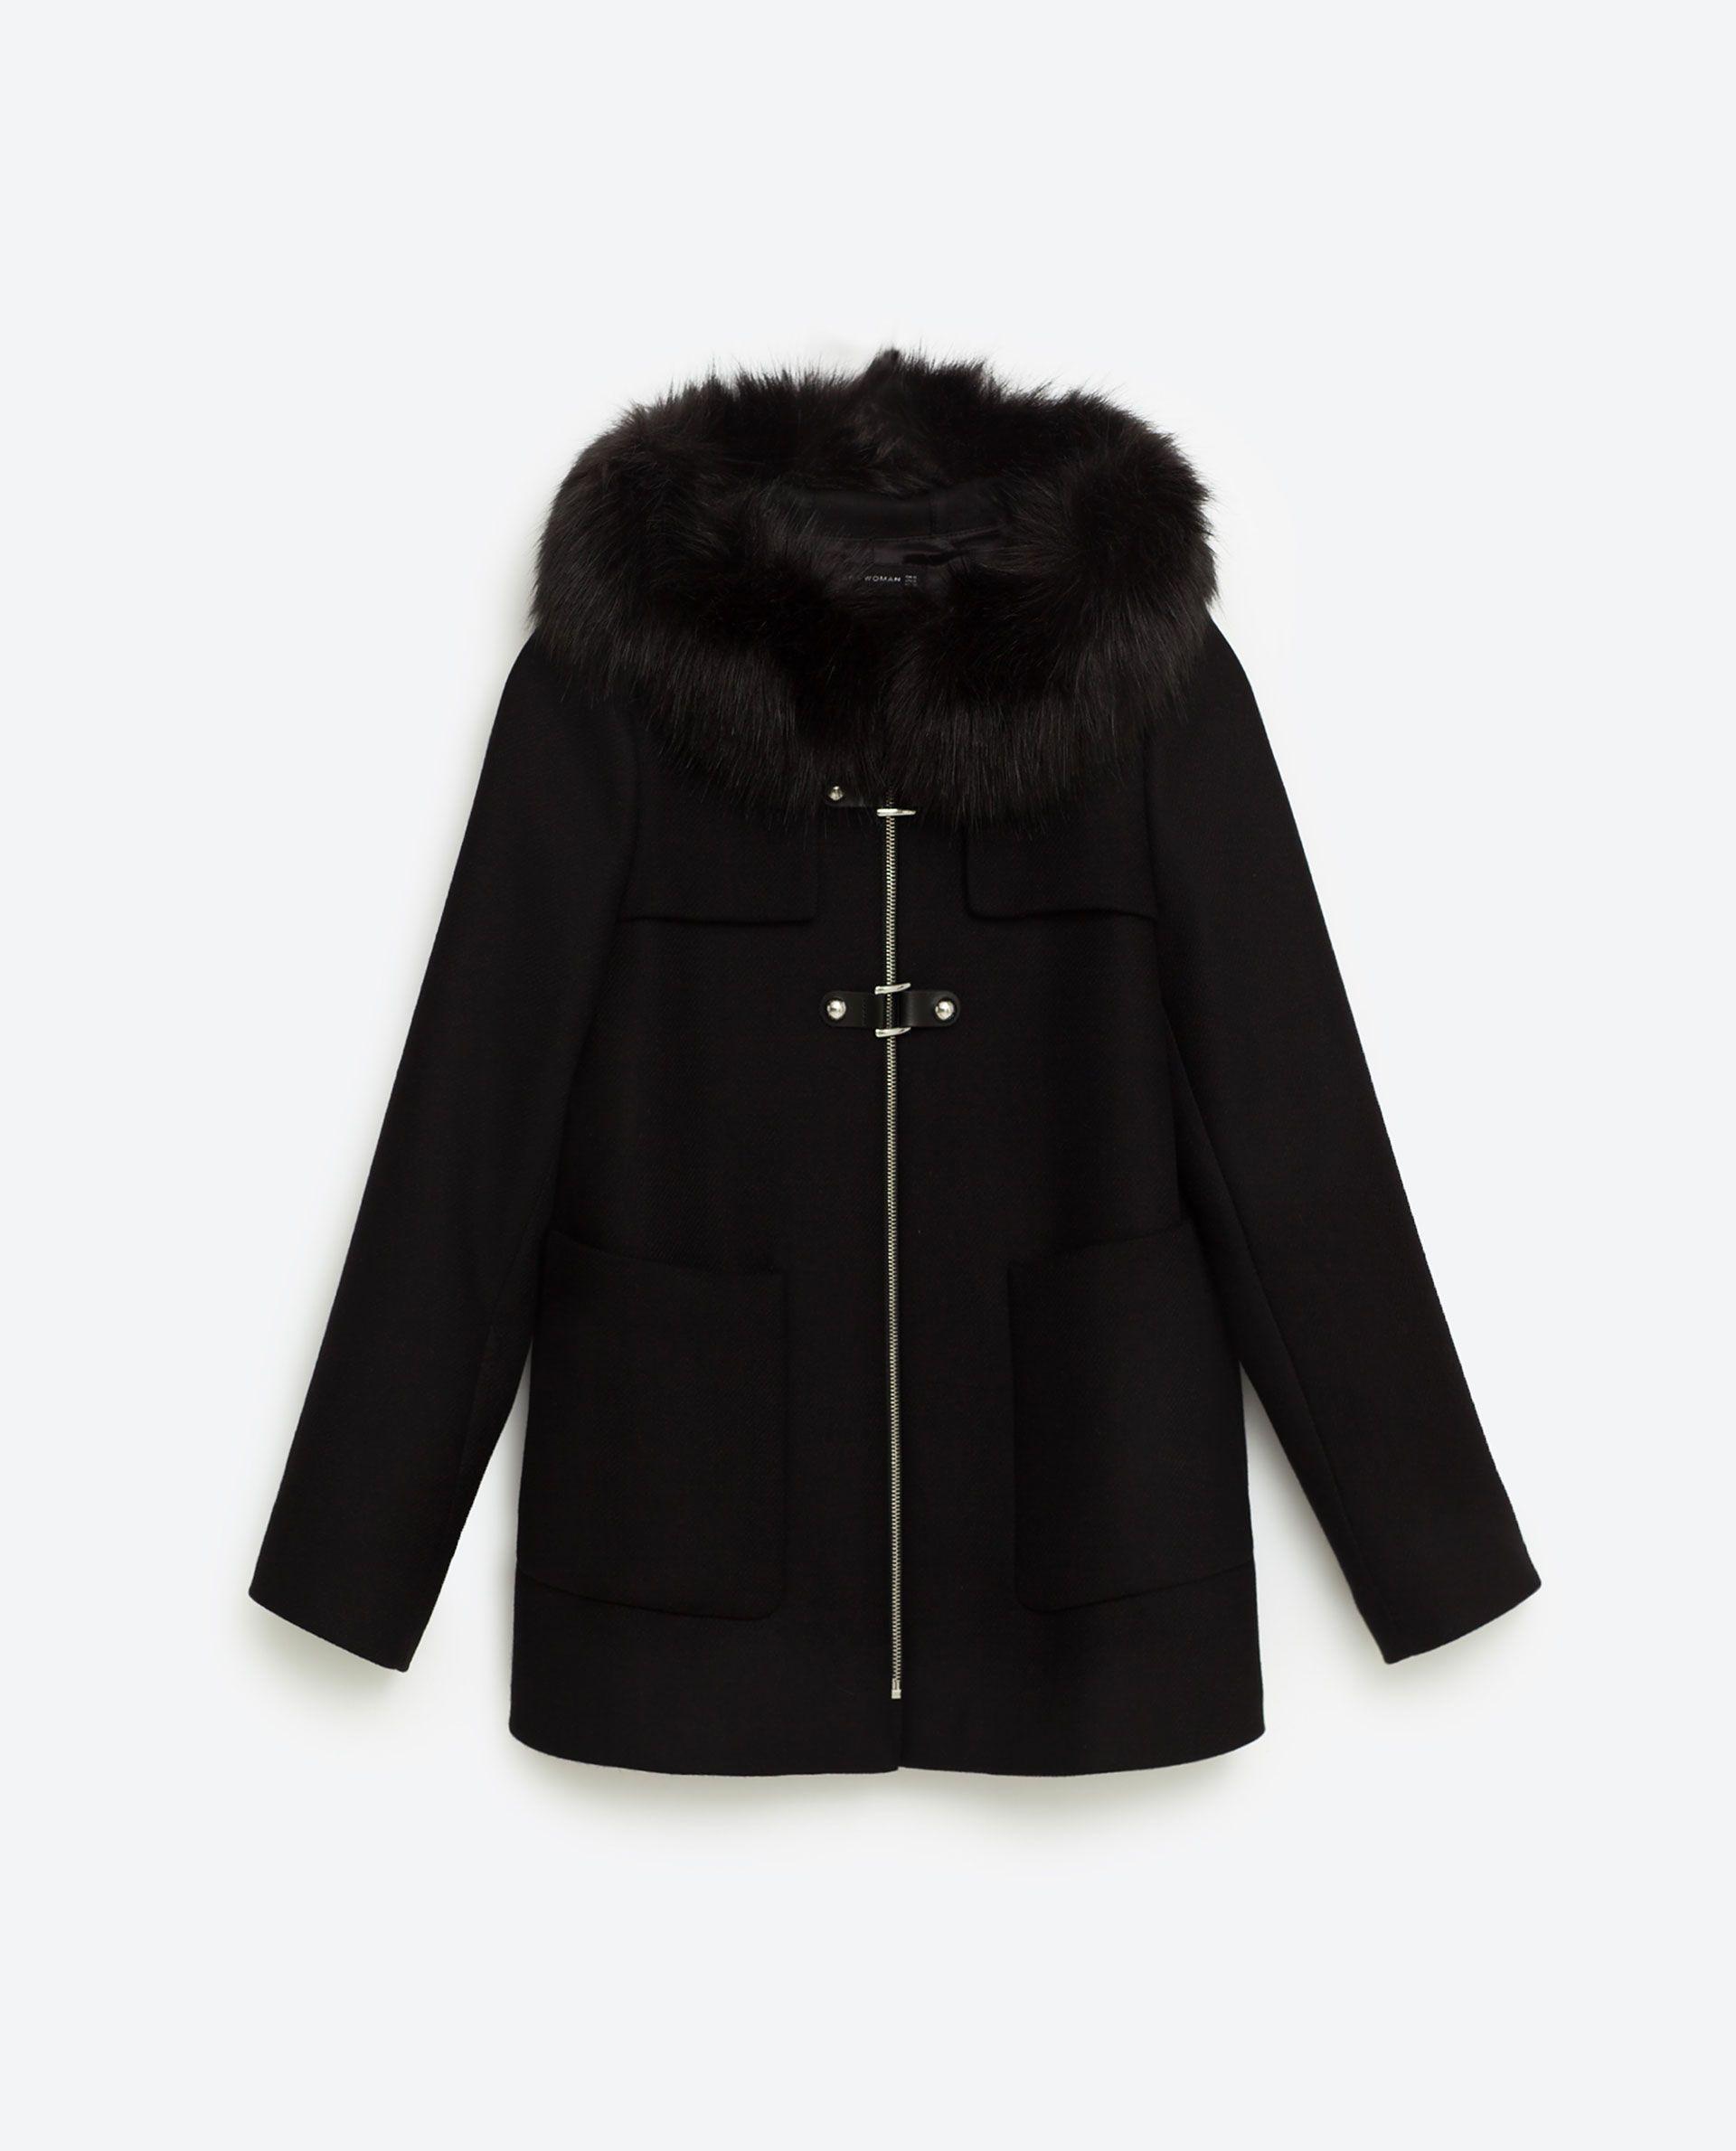 5d7572020b A-LINE DUFFLE COAT | Zara | Duffle coat, Outerwear women, Coat